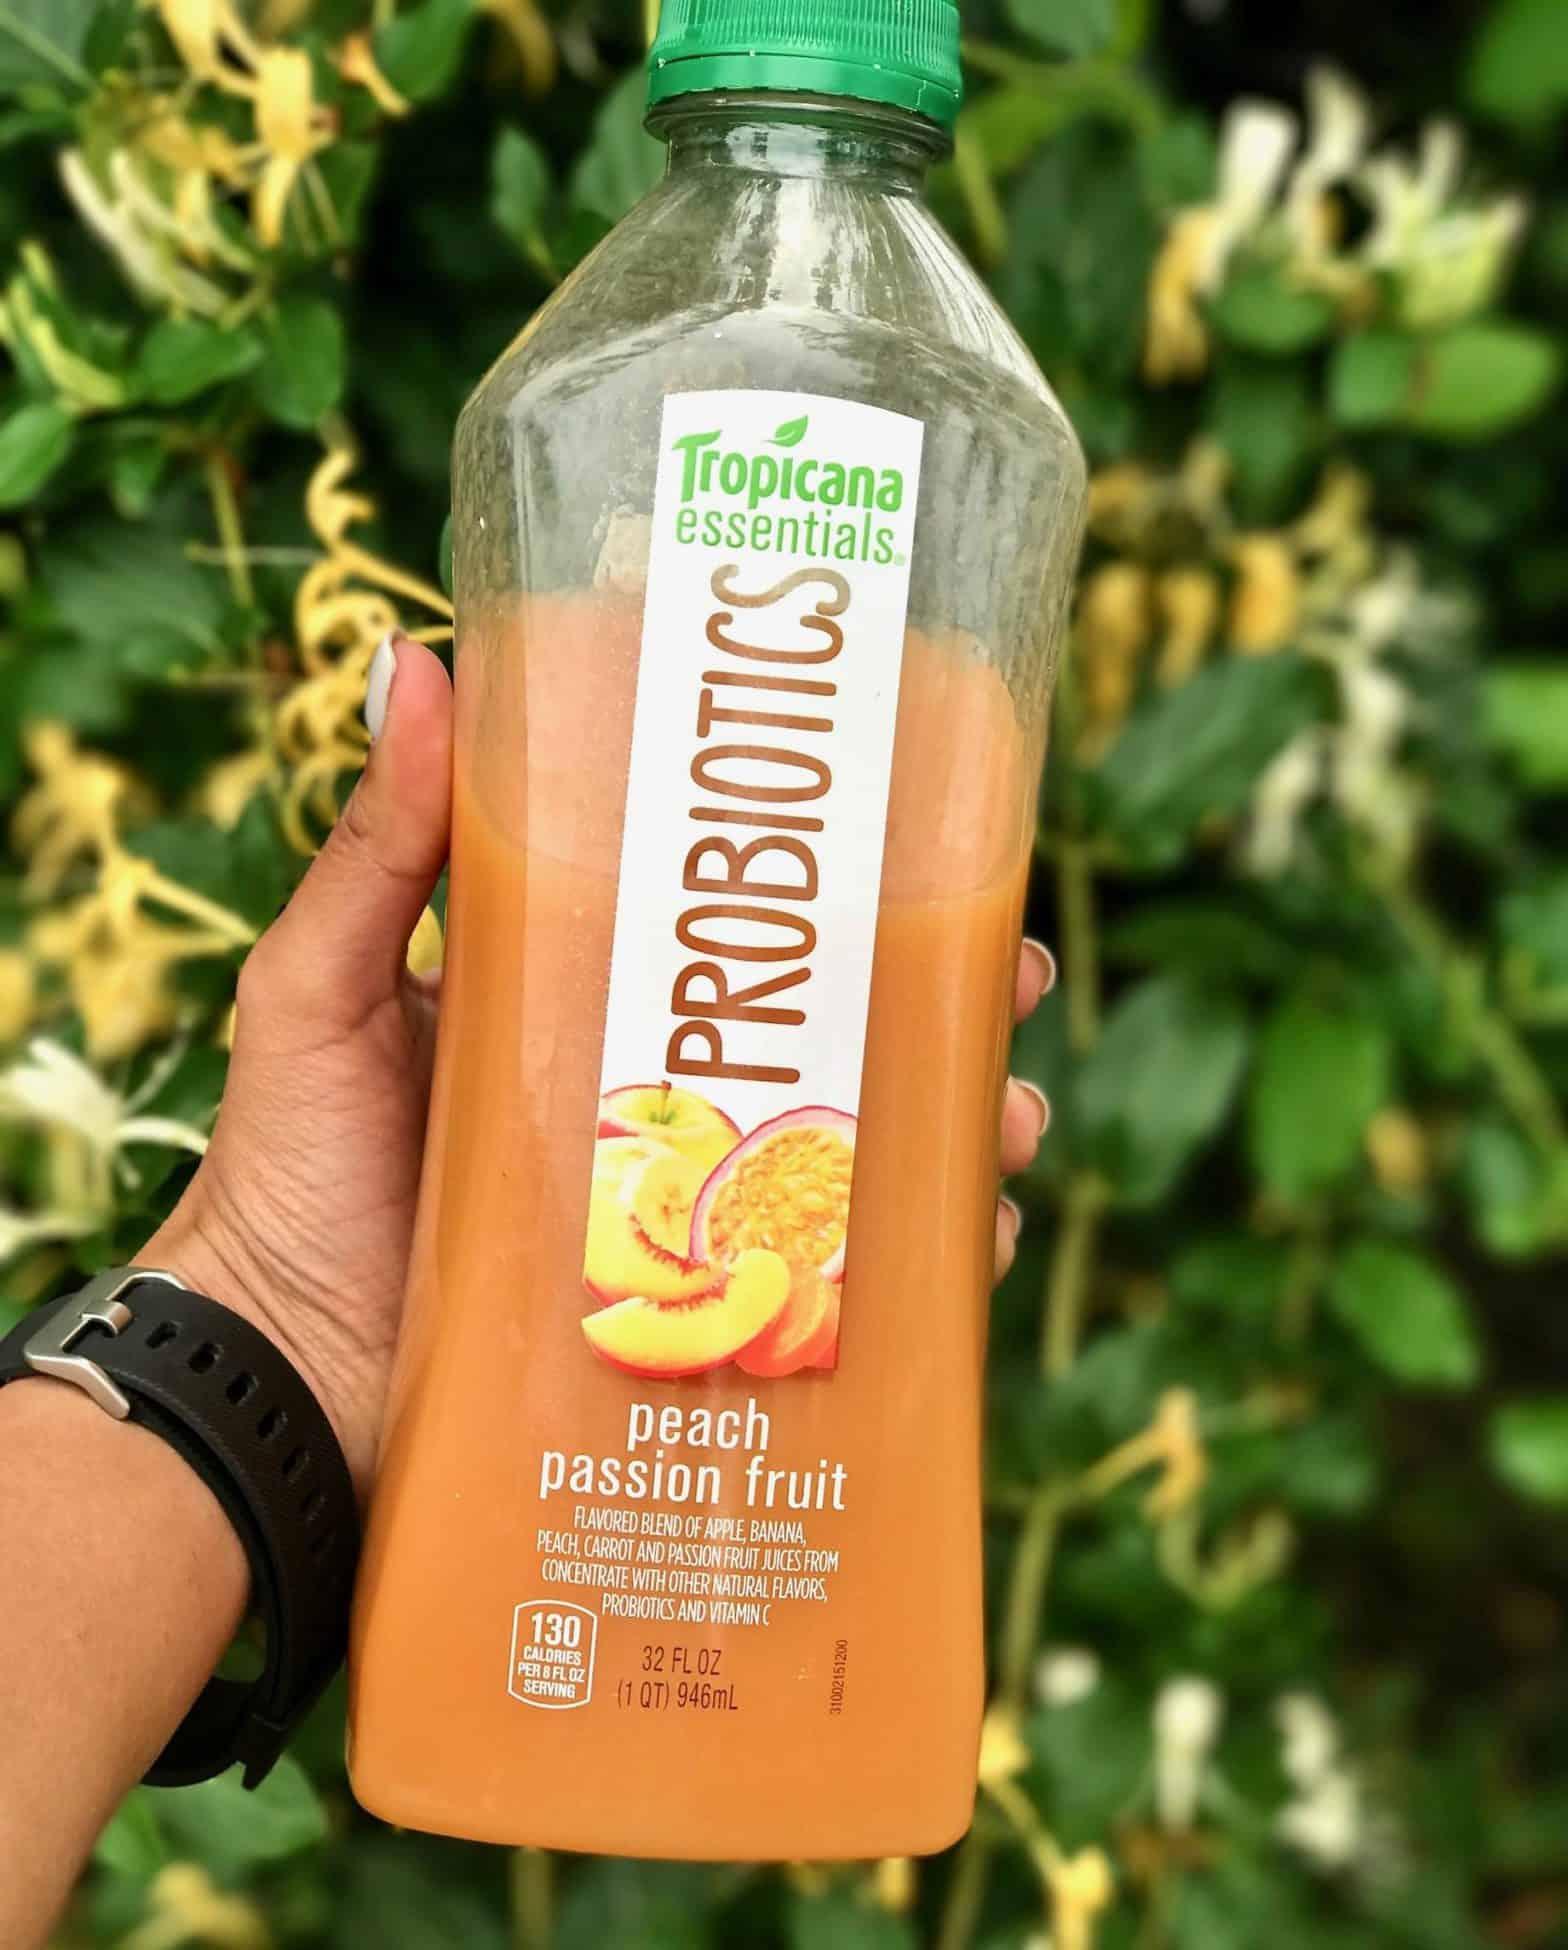 tropicana probiotics